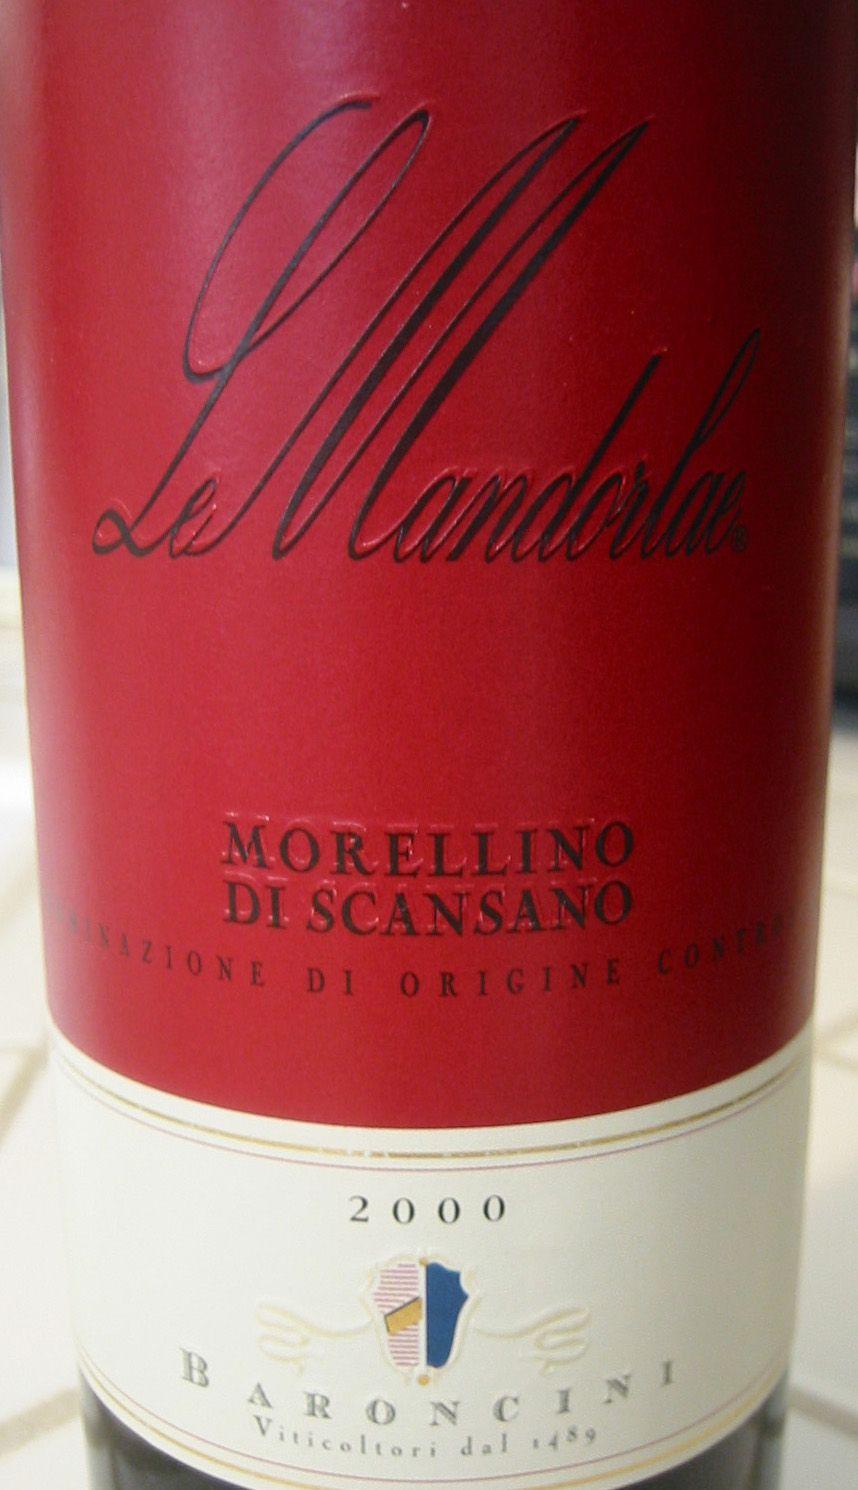 2000 Baroncini Morellino Di Scansano Le Mandorlae